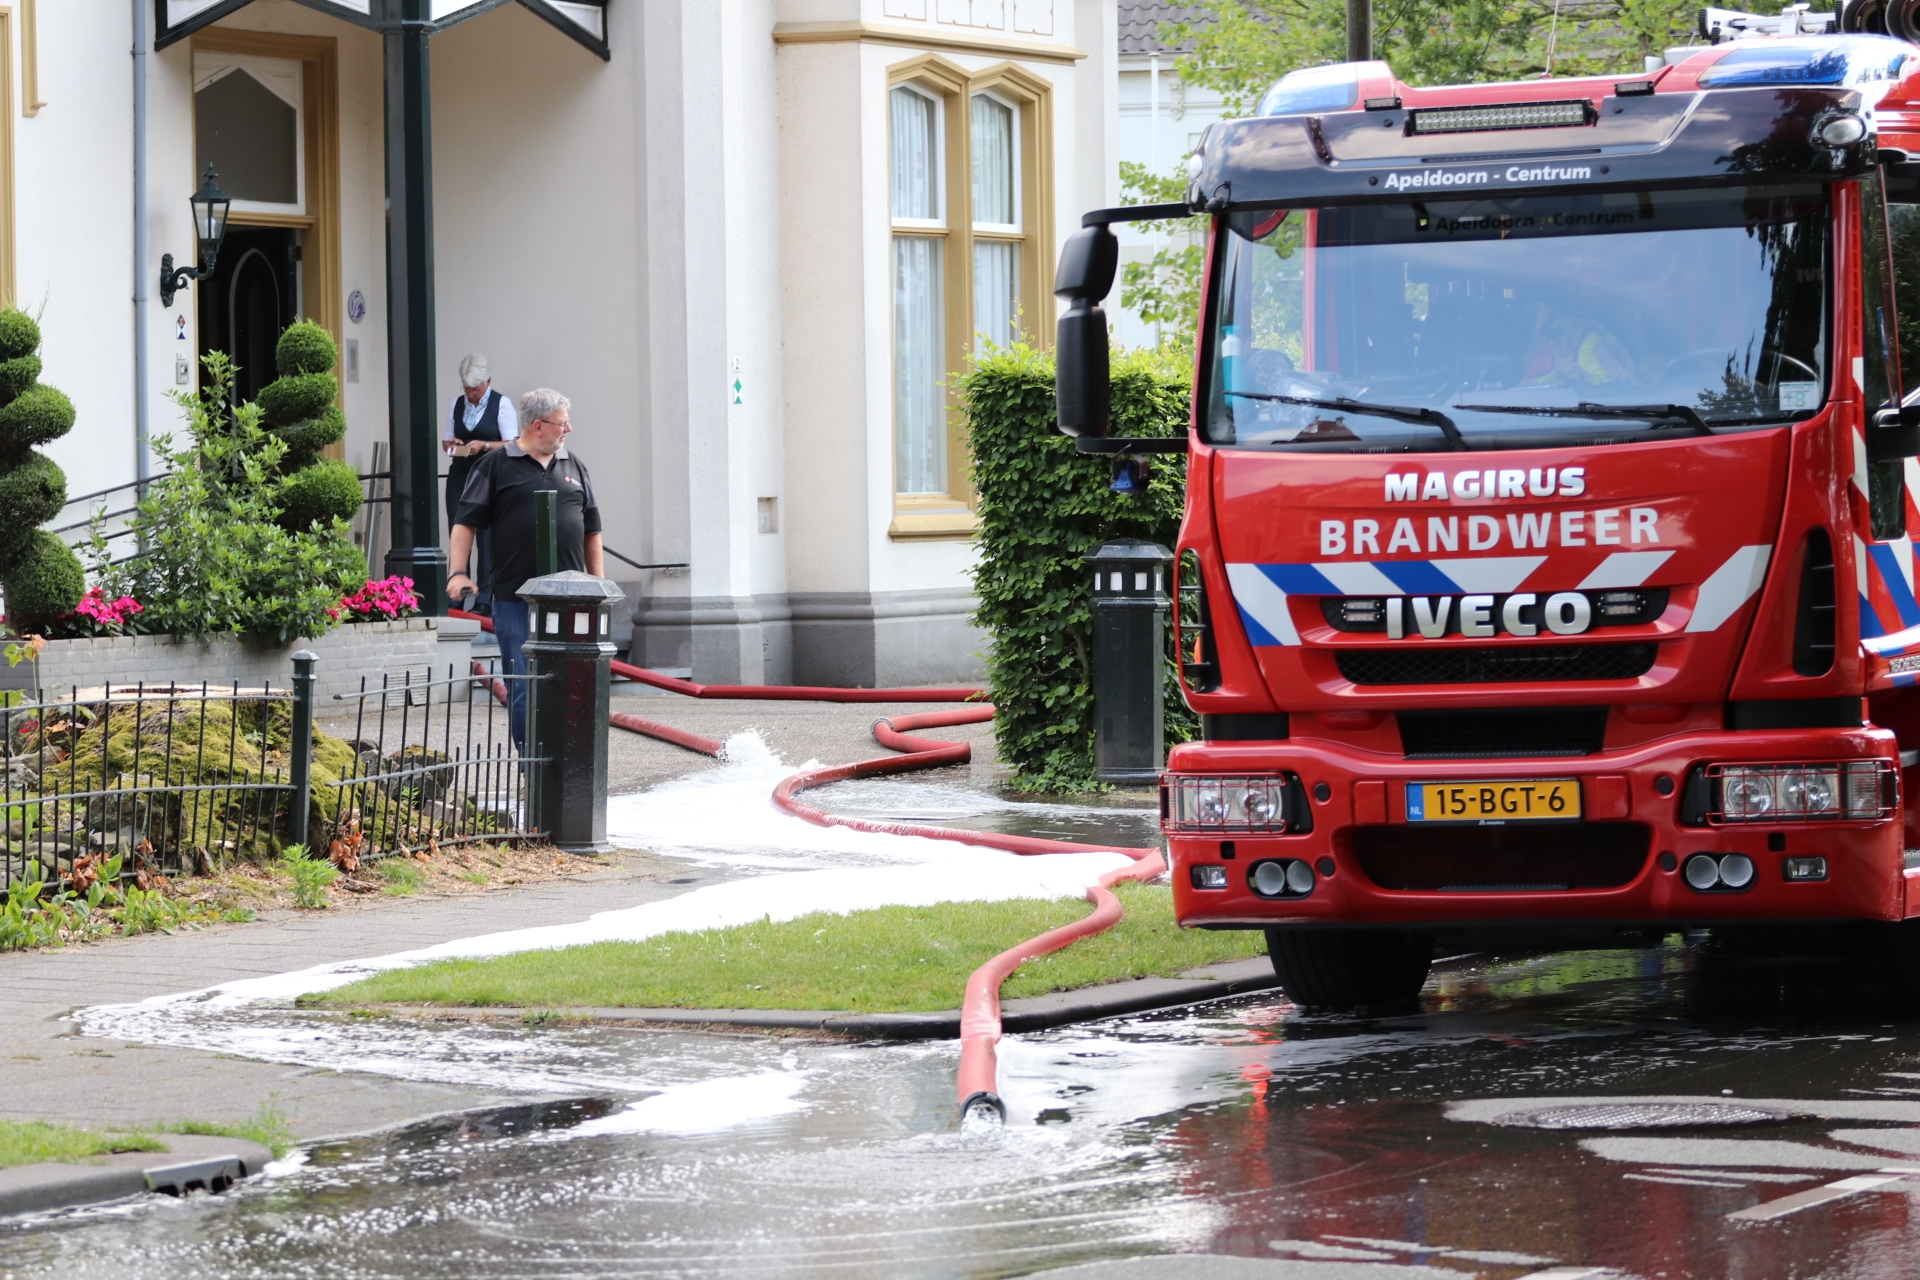 Waterleiding gebroken bij uitvaart centrum in Apeldoorn